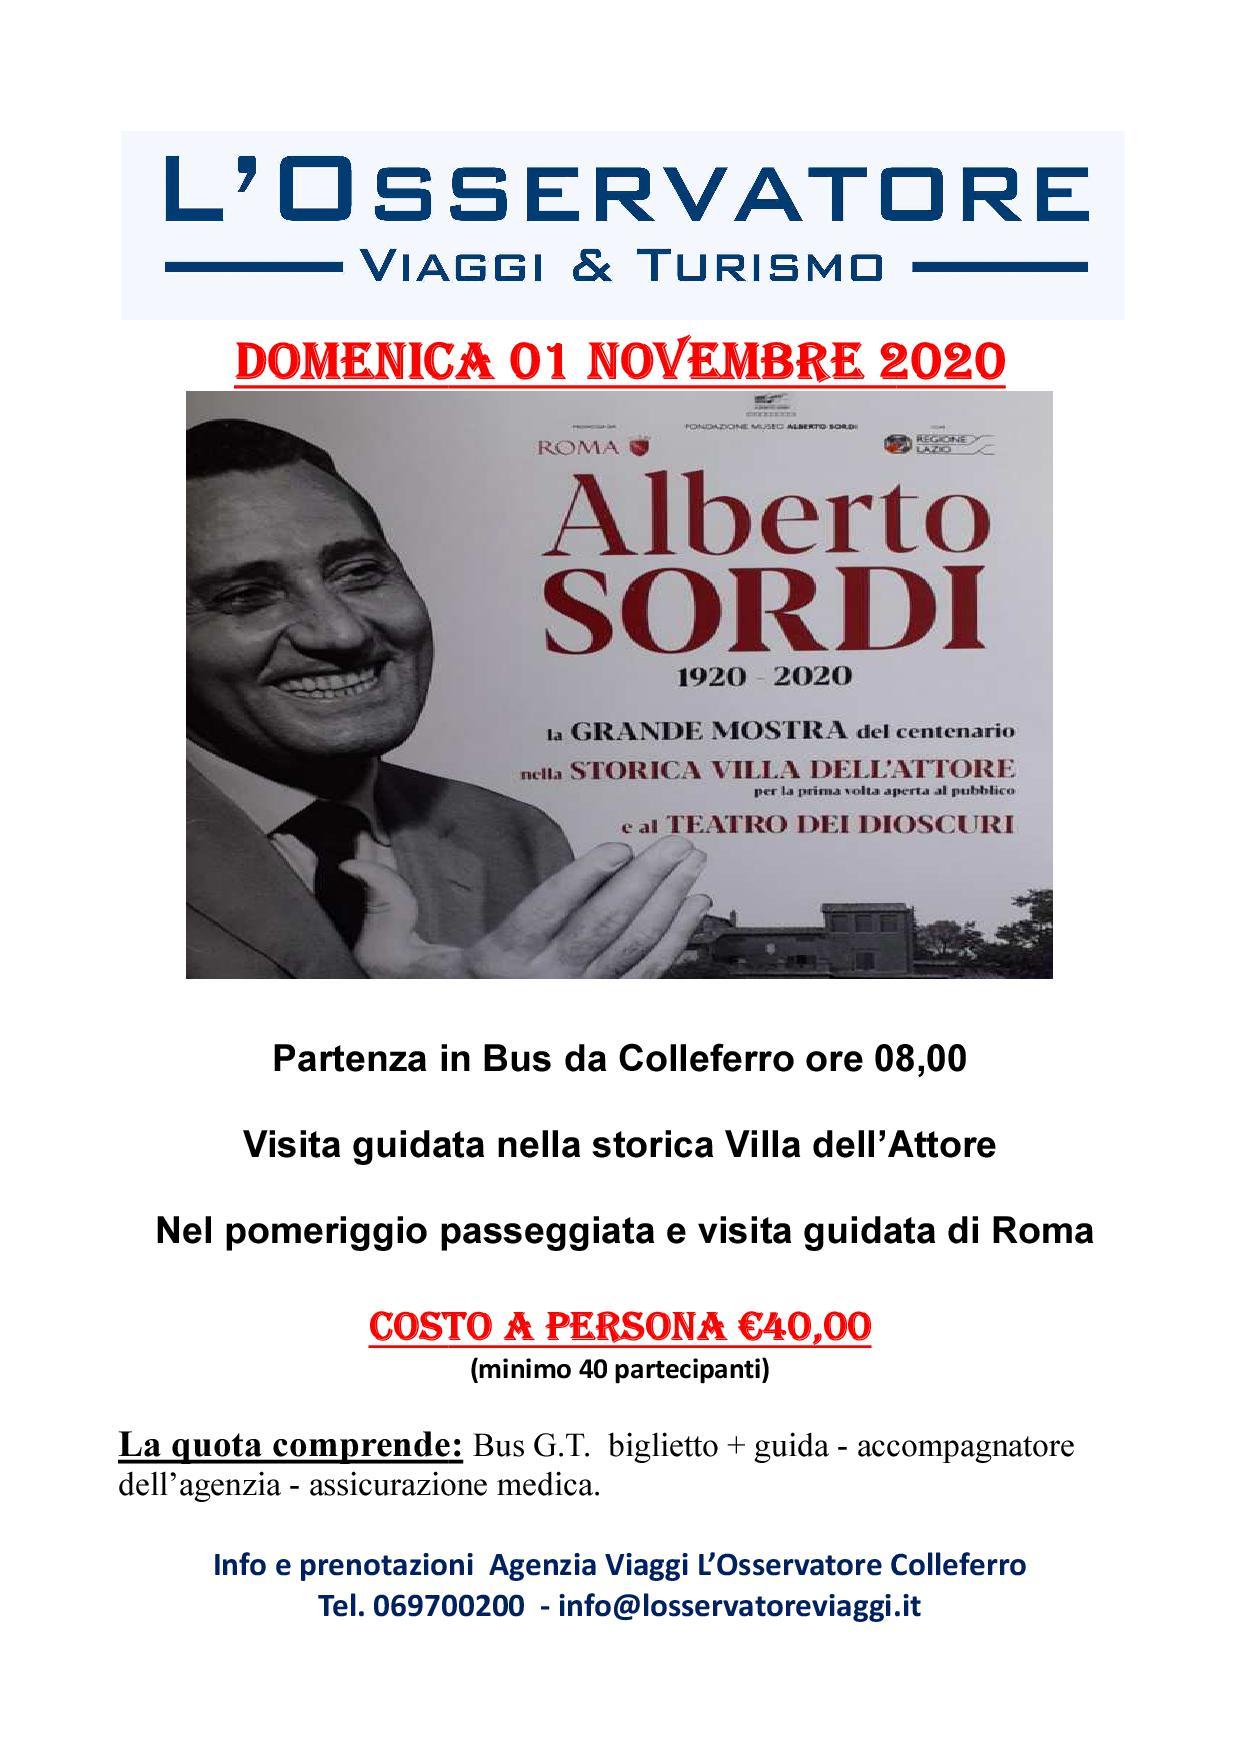 La Villa di Alberto Sordi in attesa della nuova data